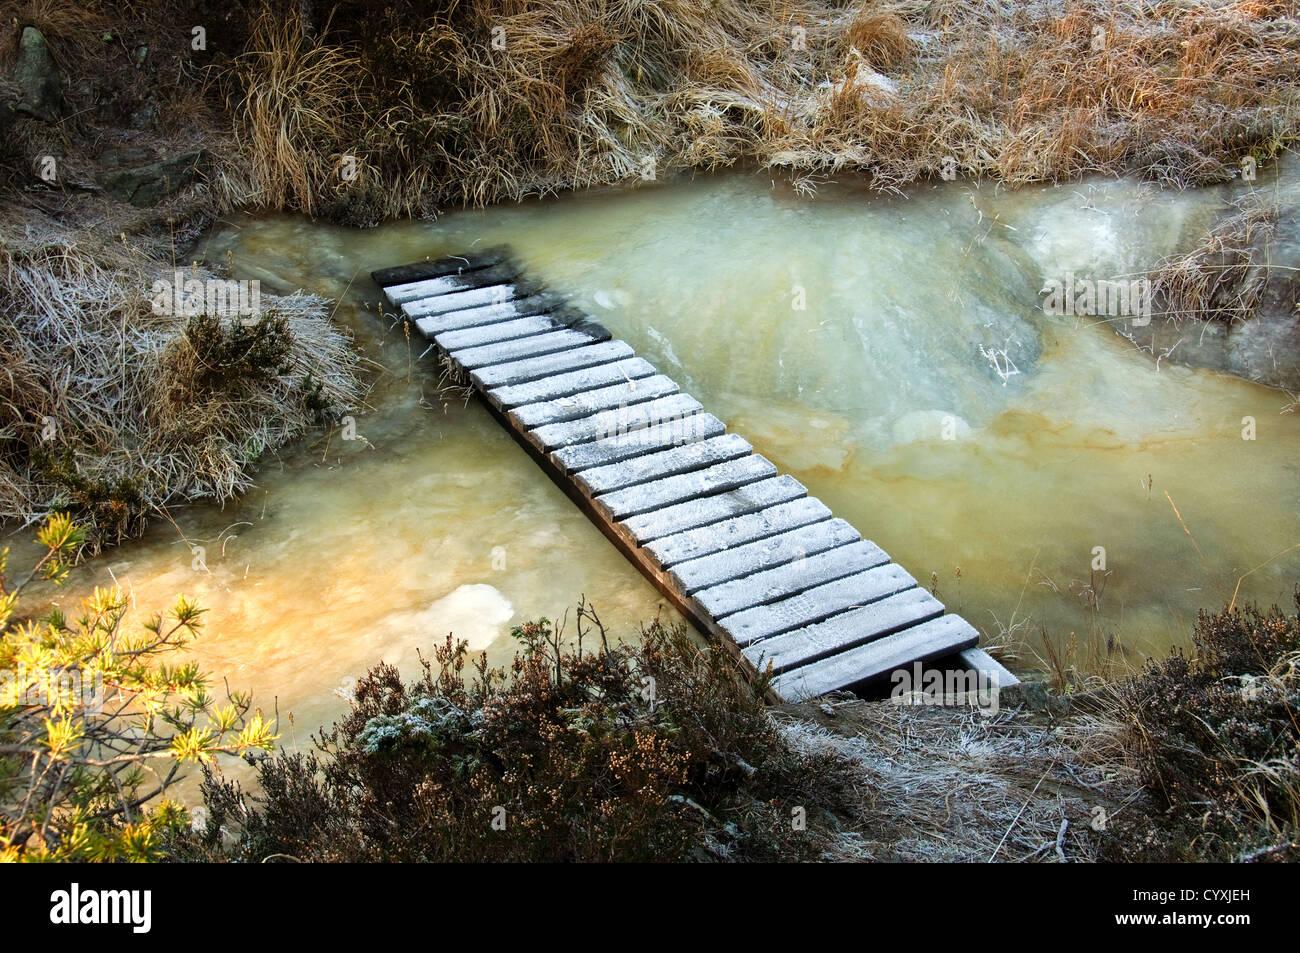 Un pont de bois sur un cours d'eau glacée Photo Stock